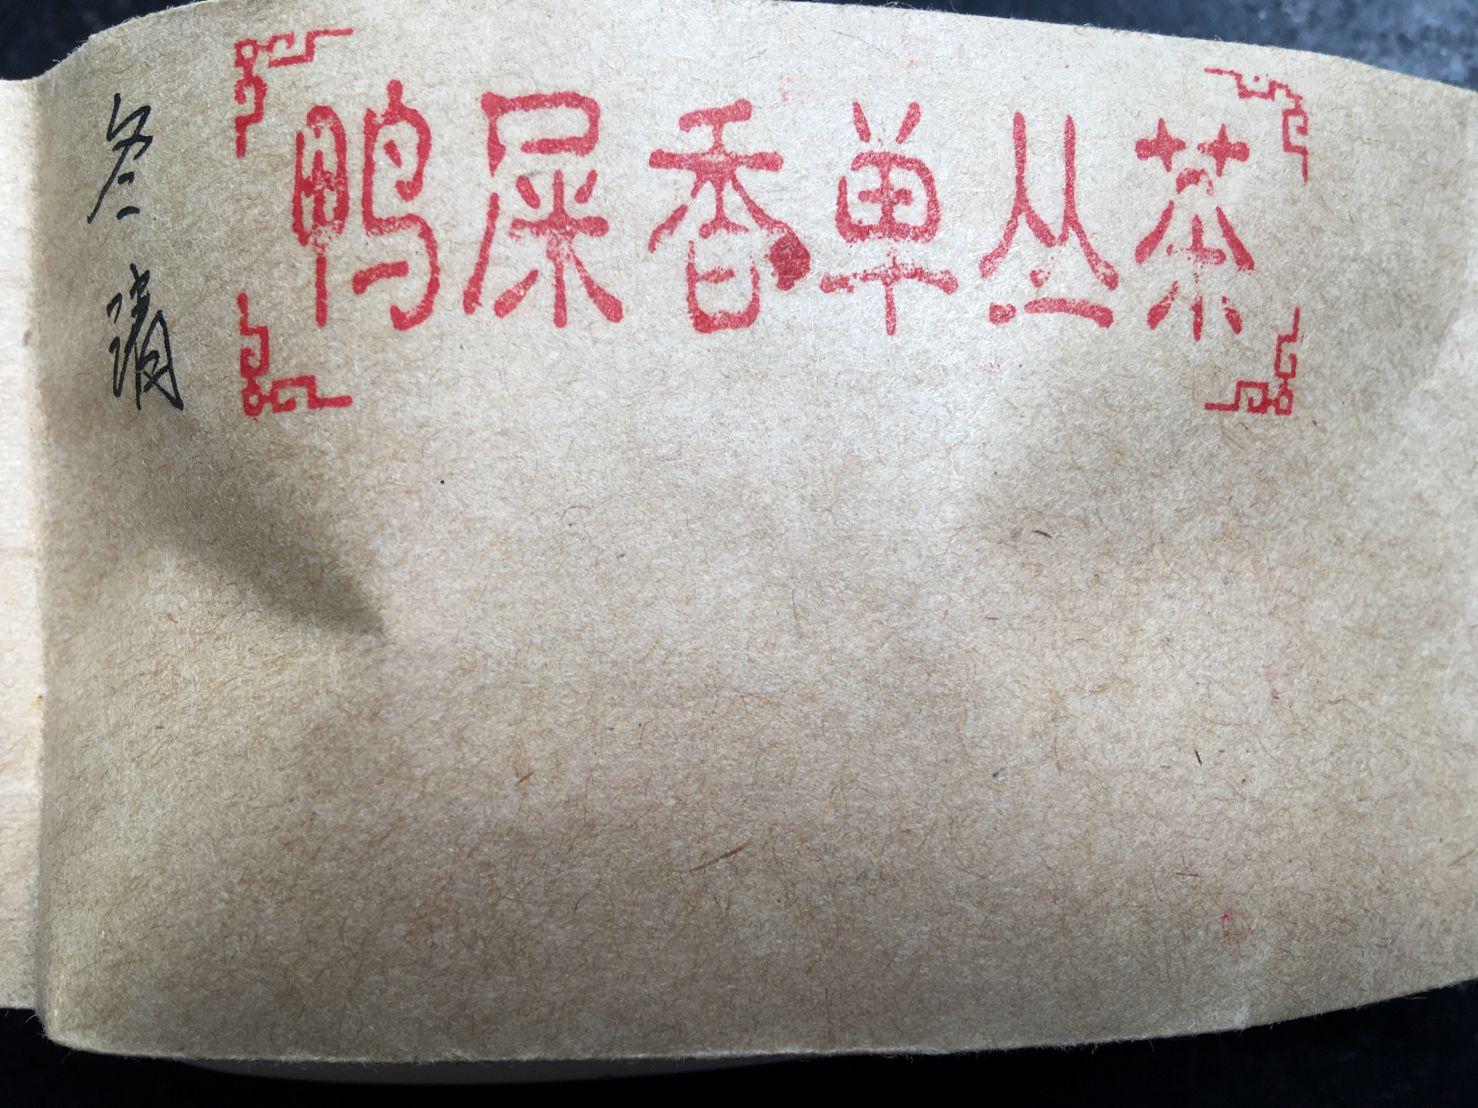 Yǒu Jī Yā Shǐ Xiāng Fèng Huáng Dān Cóng Chá, 凤凰单丛茶, Organic Duck Shit Fragrance Feng Huang Dancong Tea